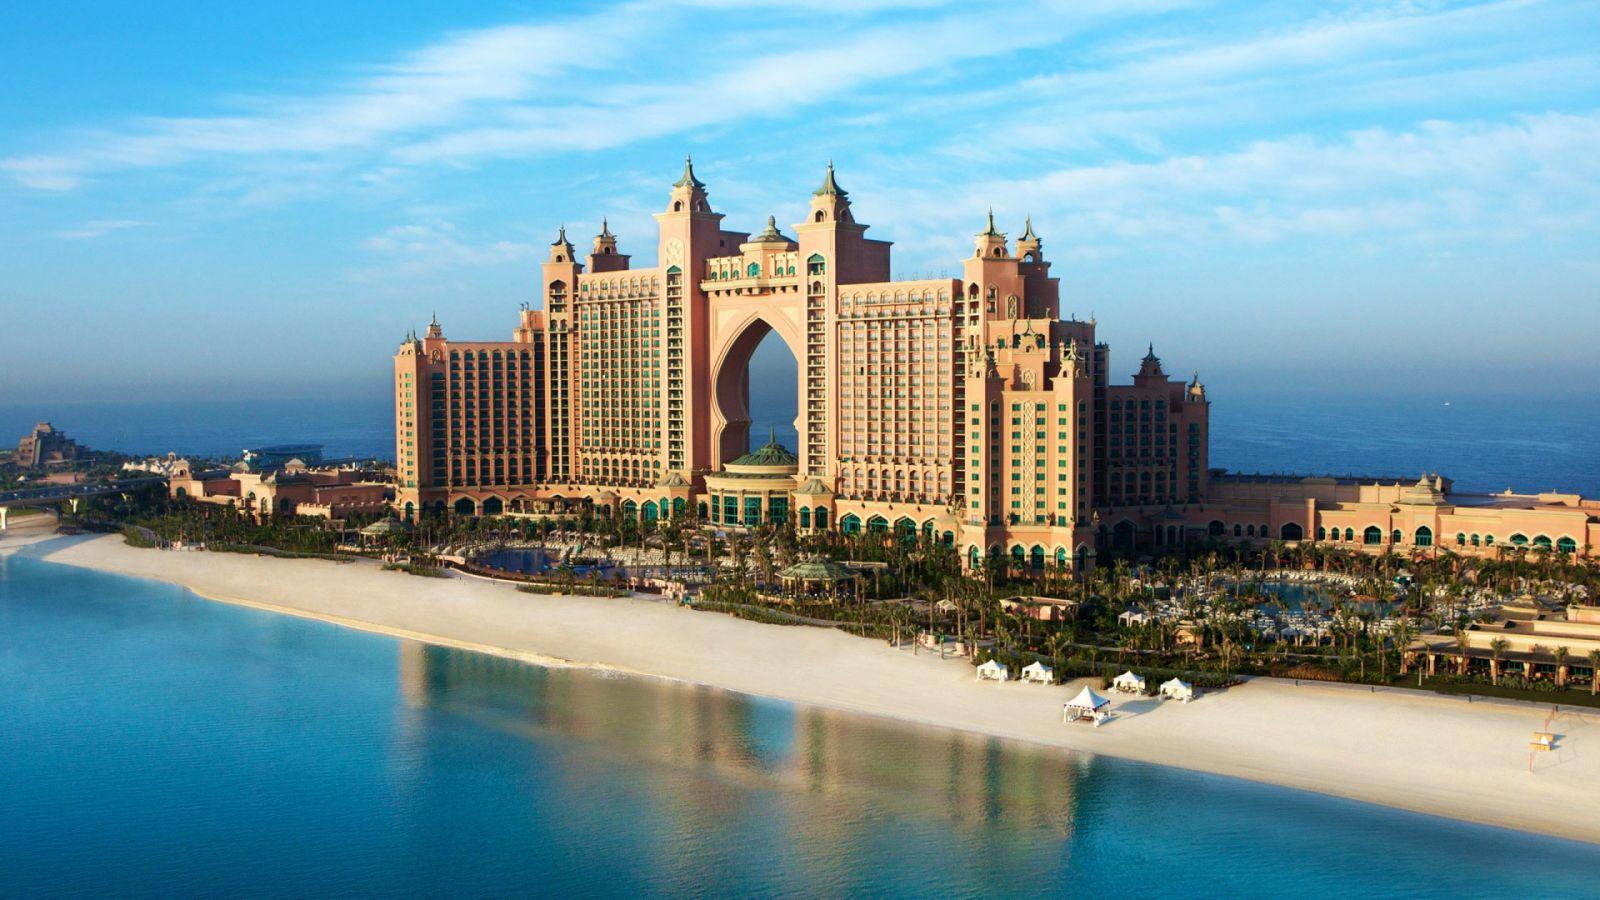 Работа в Арабских Эмиратах для русских — секреты и нюансы легального трудоустройства